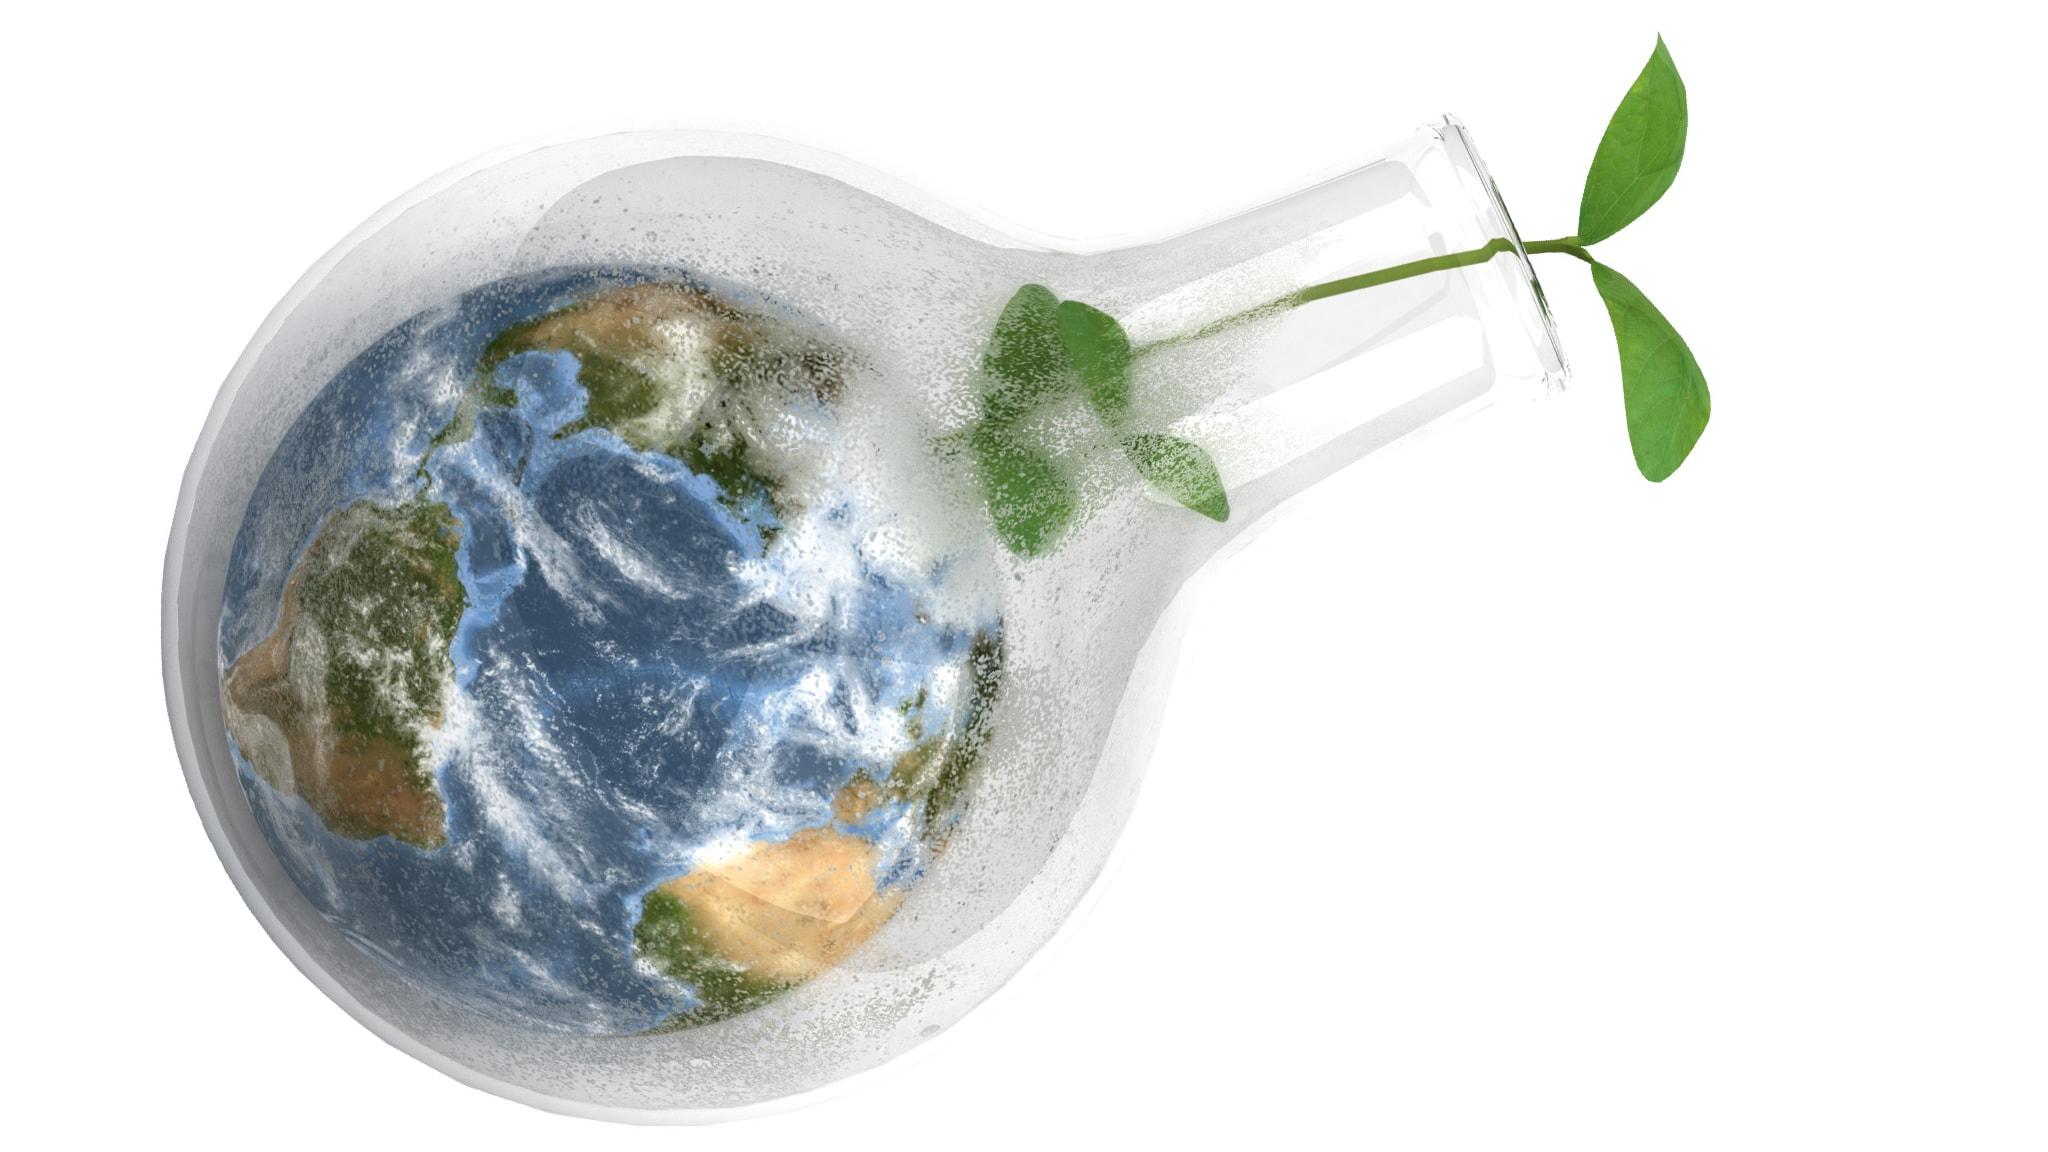 Övertro på att fånga in koldioxid, enligt experter. - spela